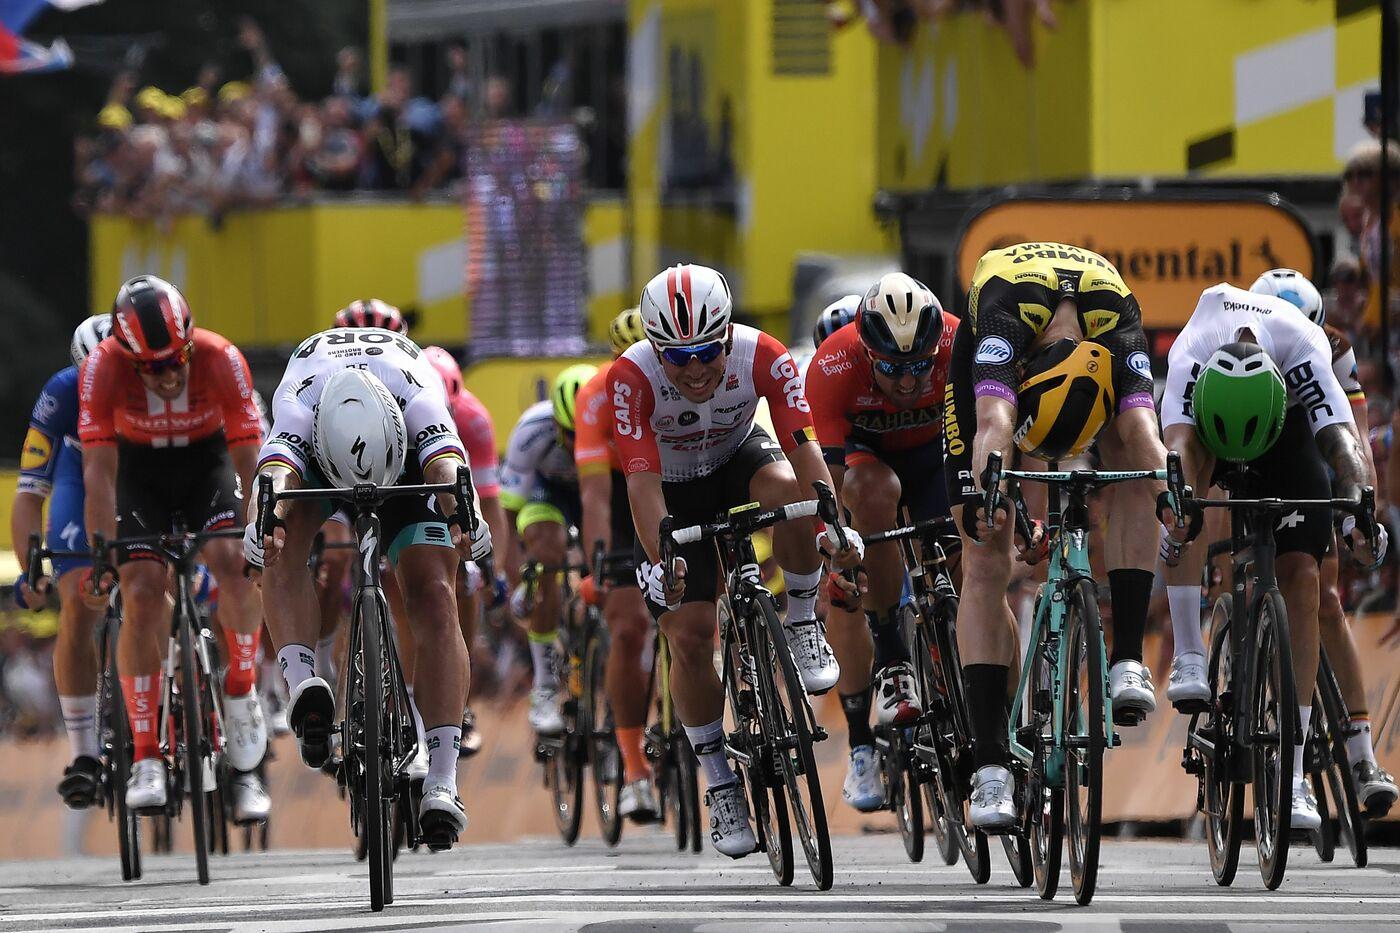 Tour de France 2019 favoriti tappa 4: Reims-Nancy, l'analisi, le quote e i consigli per provare la cassa insieme al B-Lab!